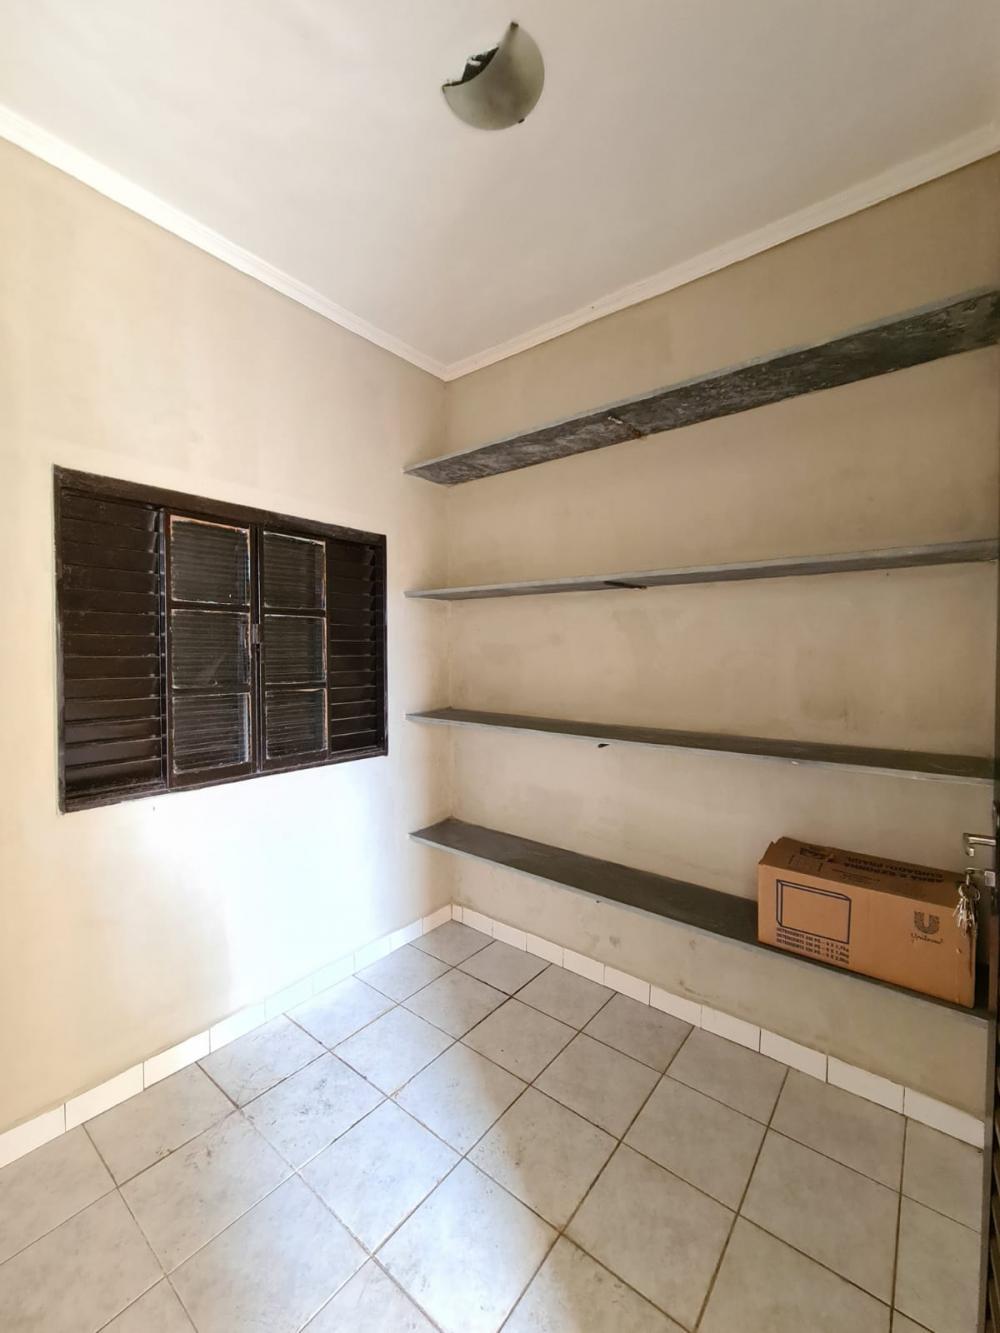 Alugar Casa / Padrão em Ribeirão Preto R$ 1.600,00 - Foto 17